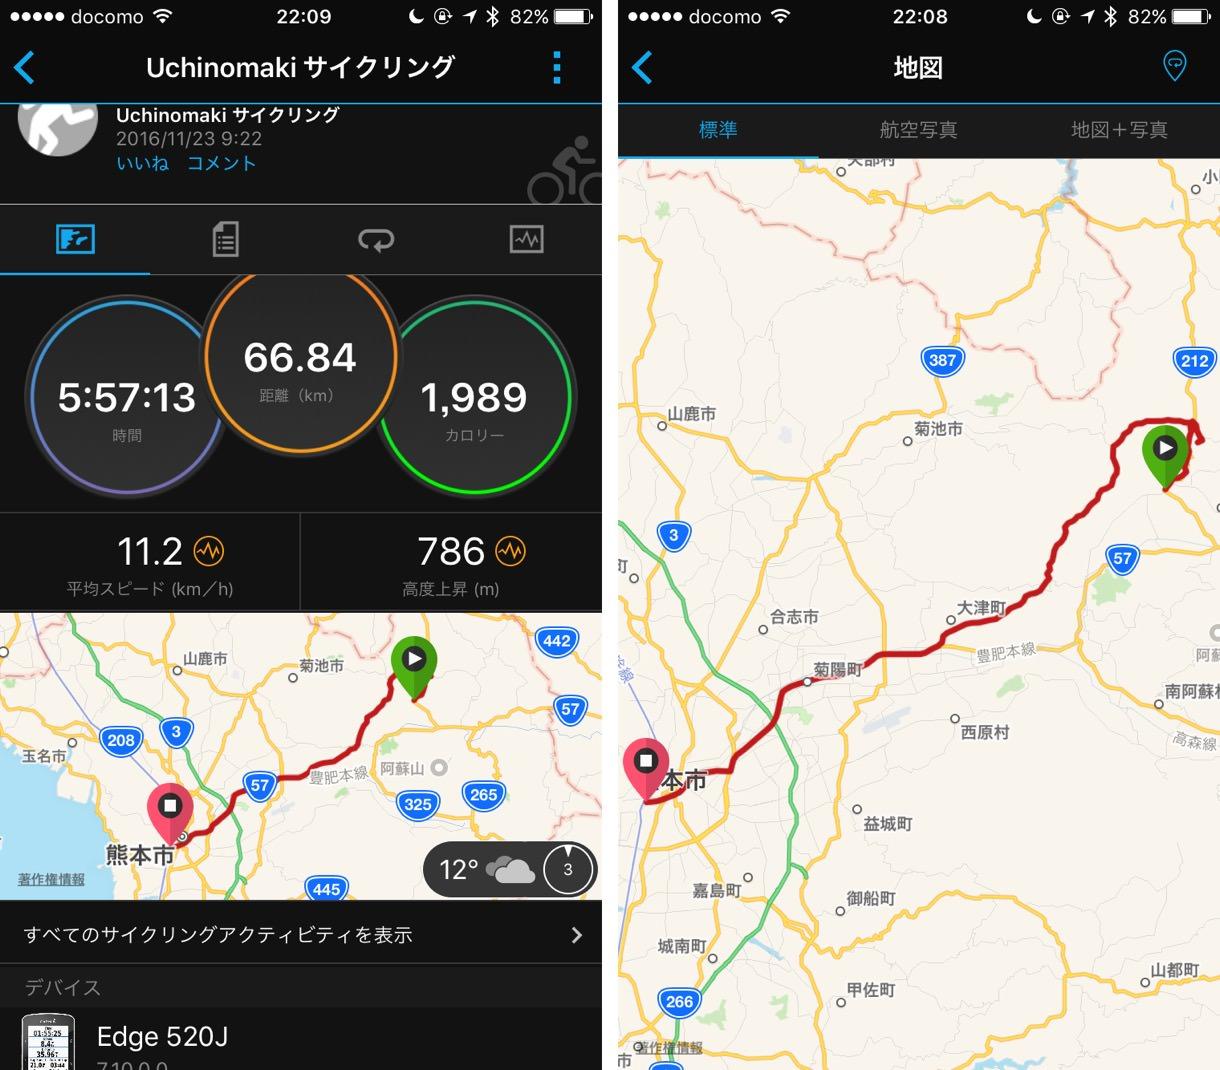 阿蘇ロードバイクツーリング最終日のデータ